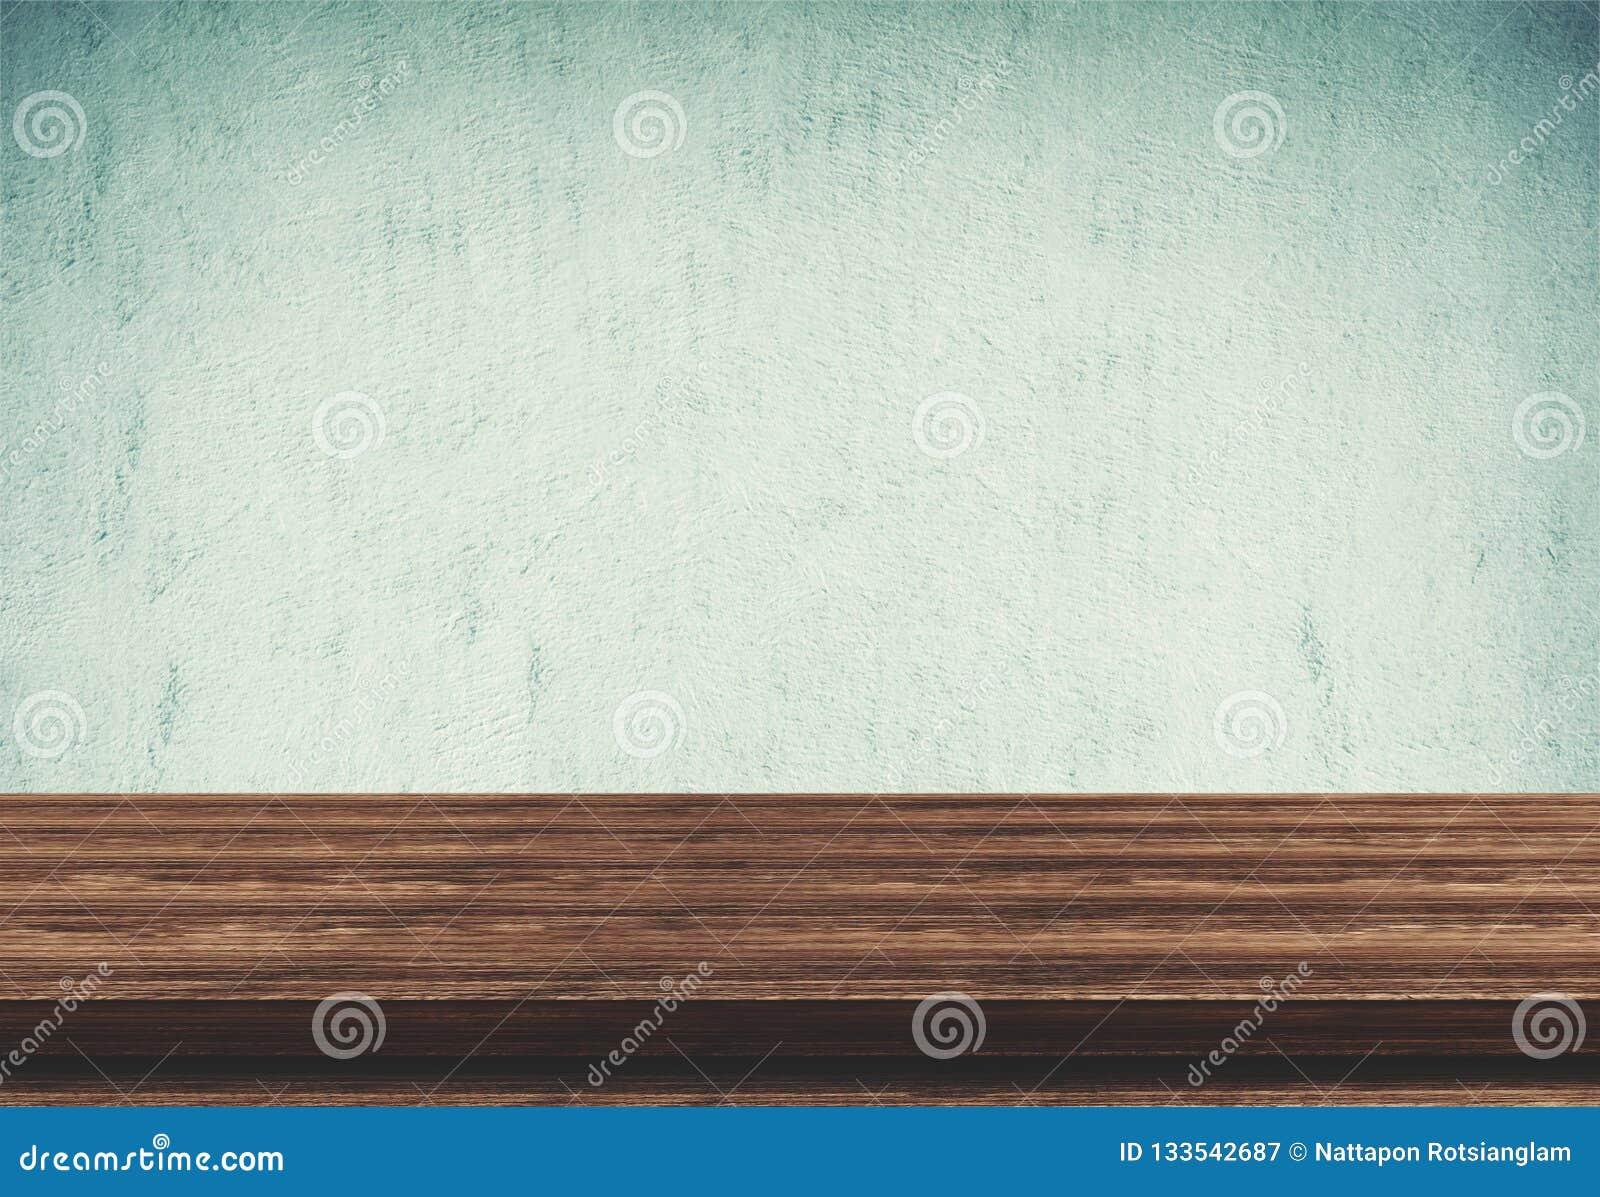 Lege houten lijstbovenkant op blauwe concrete achtergrond